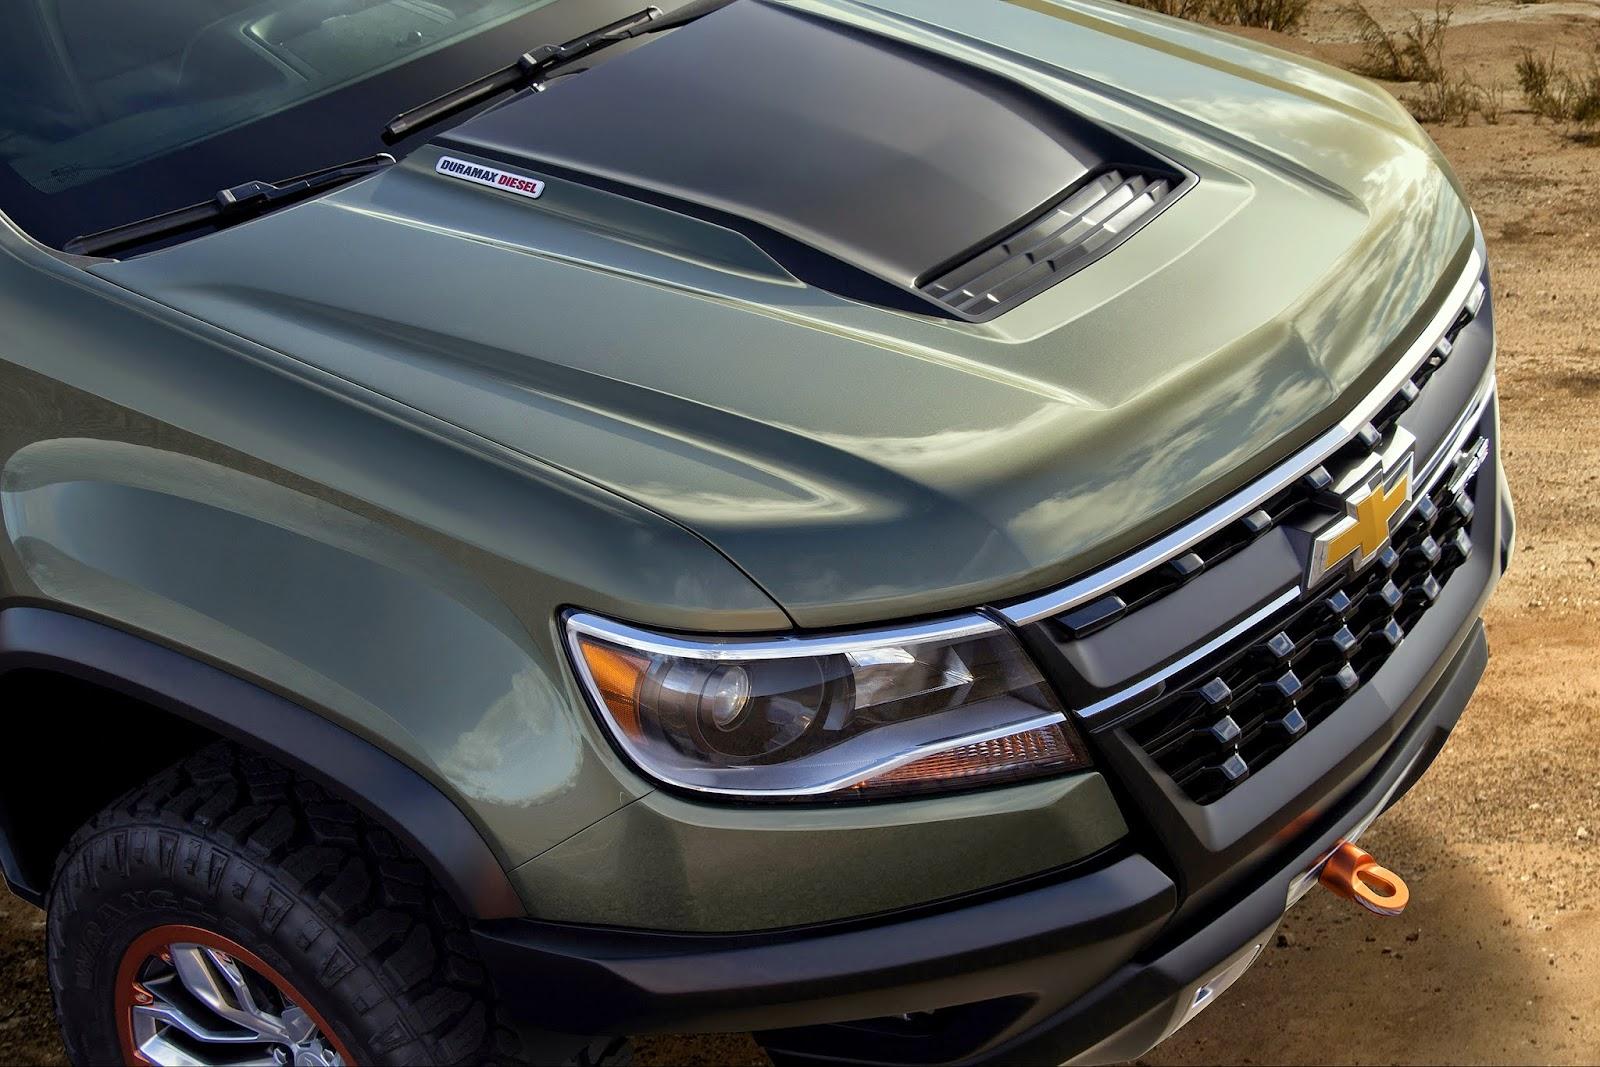 Colorado chevy colorado zr2 concept : uautoknow.net: Chevrolet Colorado ZR2 Concept foreshadows possible ...